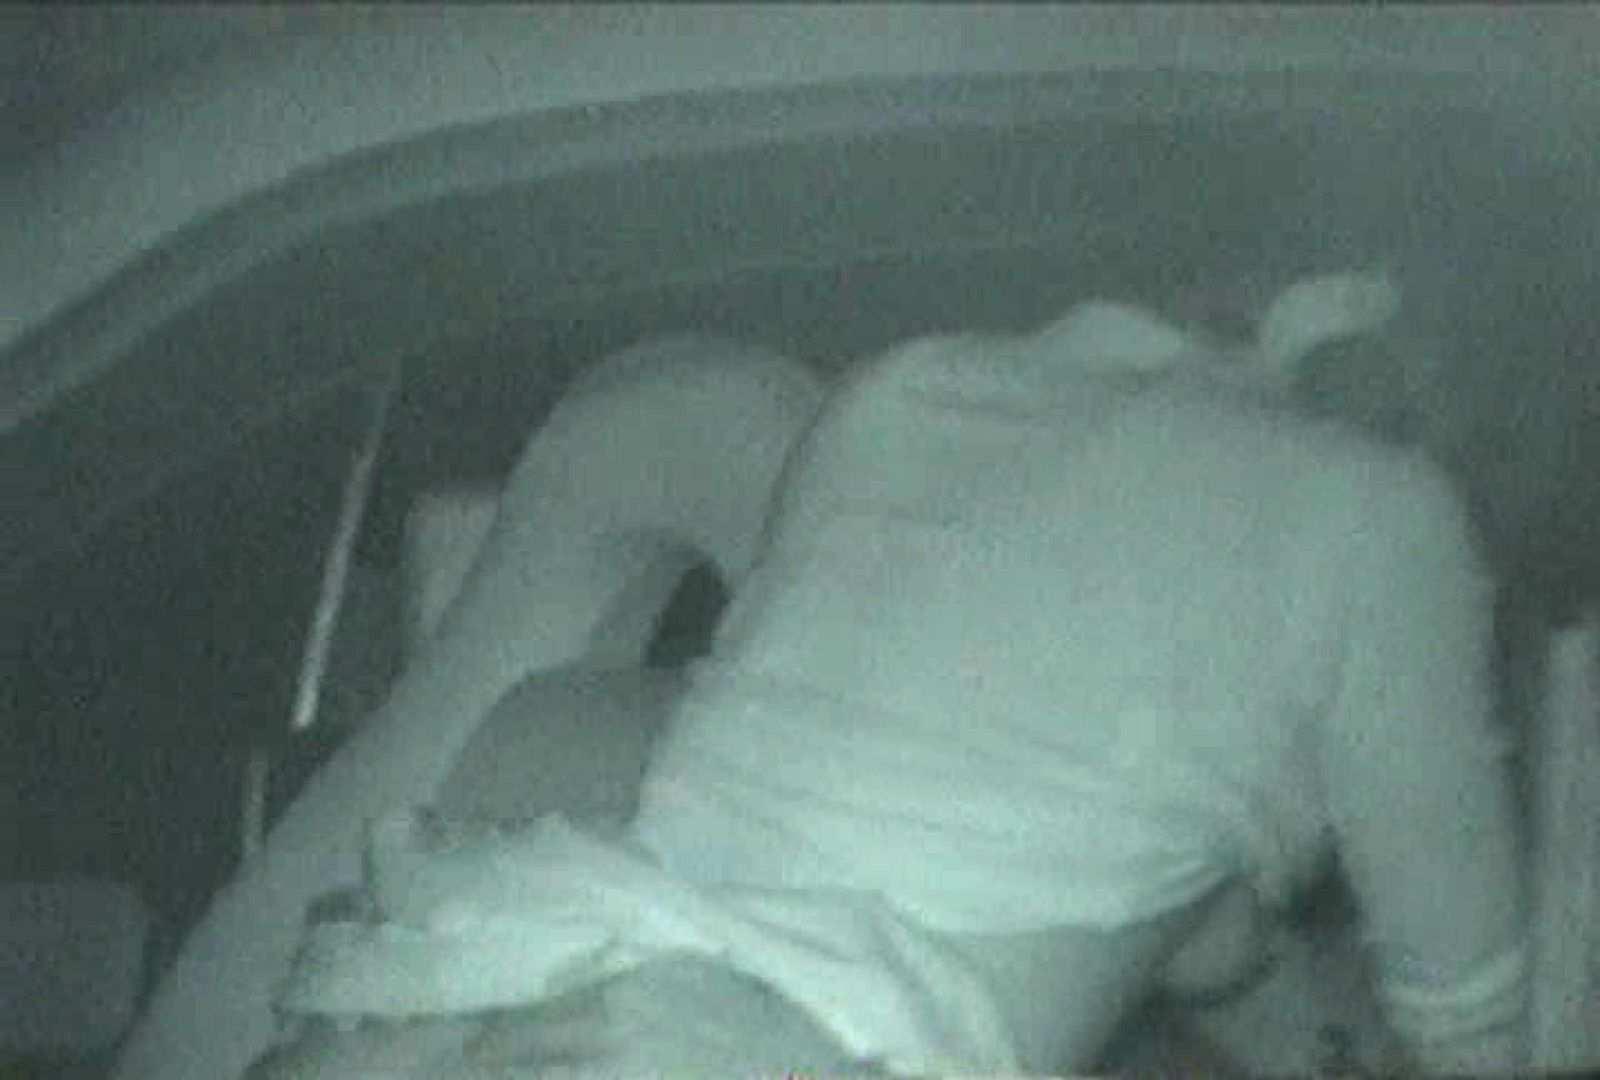 充血監督の深夜の運動会Vol.101 OLセックス 盗撮AV動画キャプチャ 81画像 80